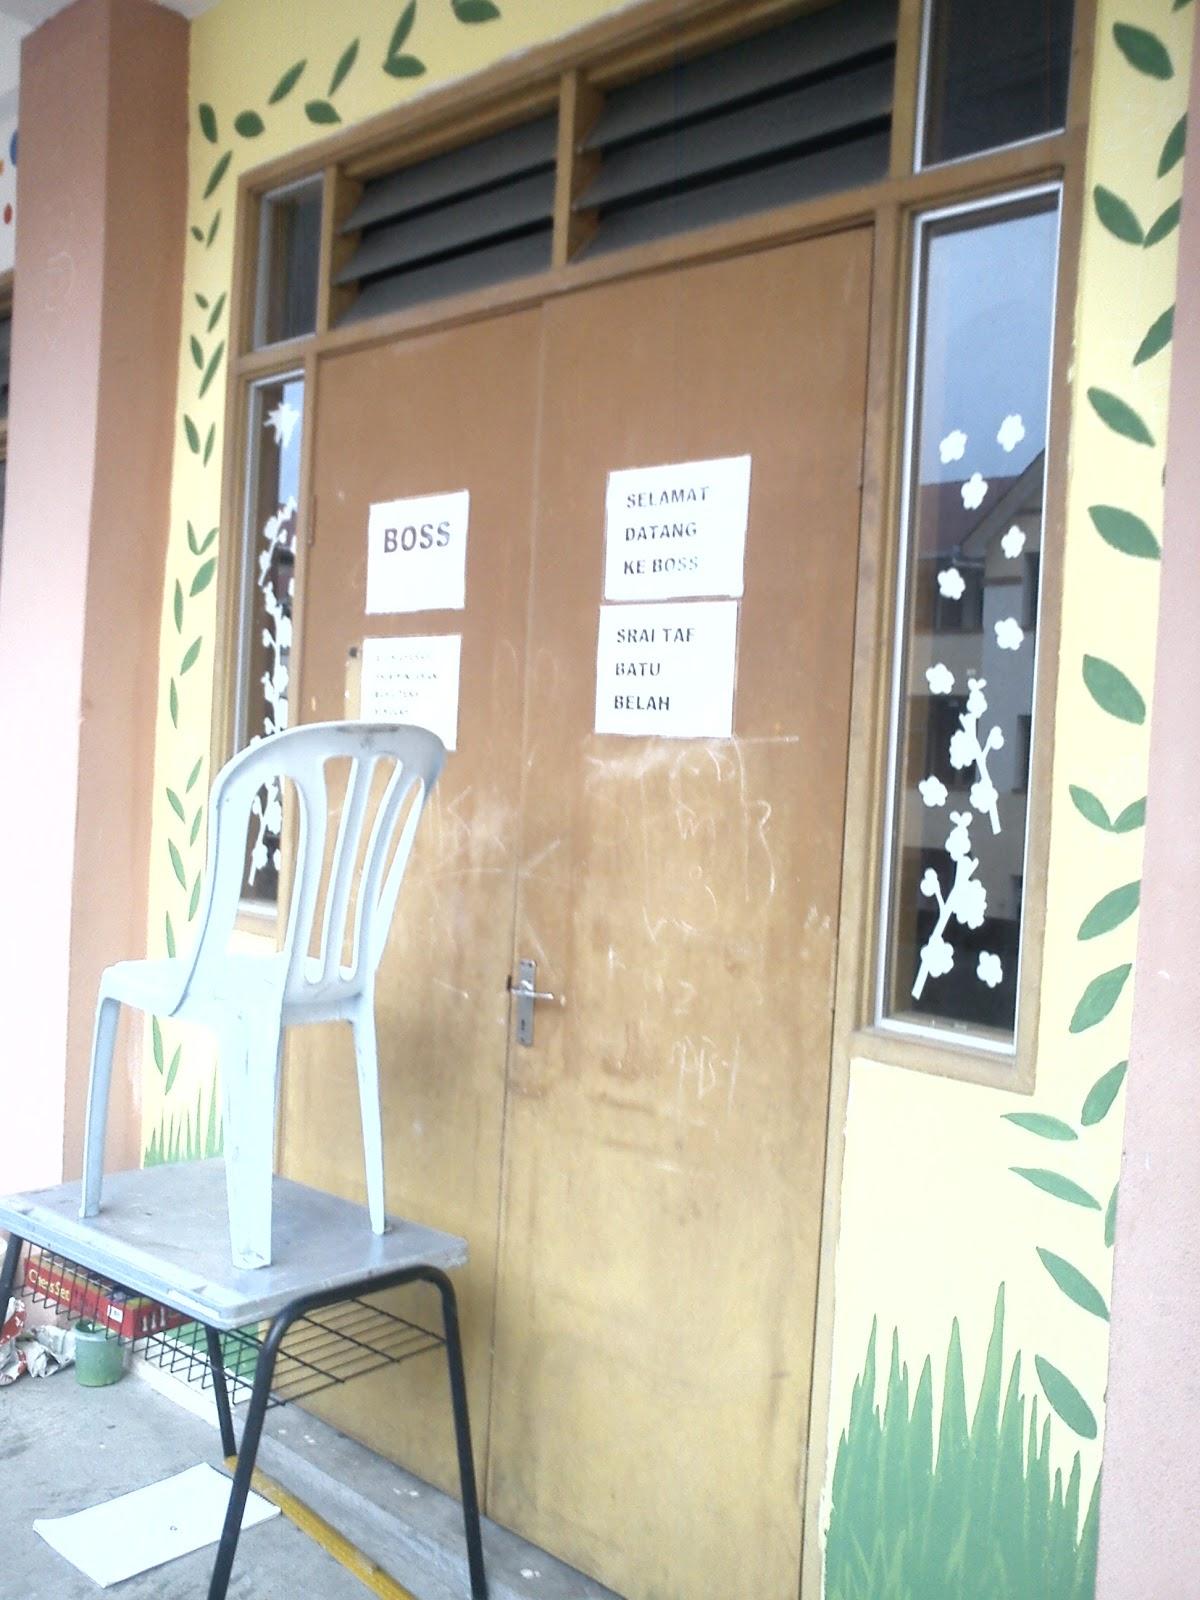 Teratak kehidupan mul mural bilik boss sraitaf for Mural sekolah rendah